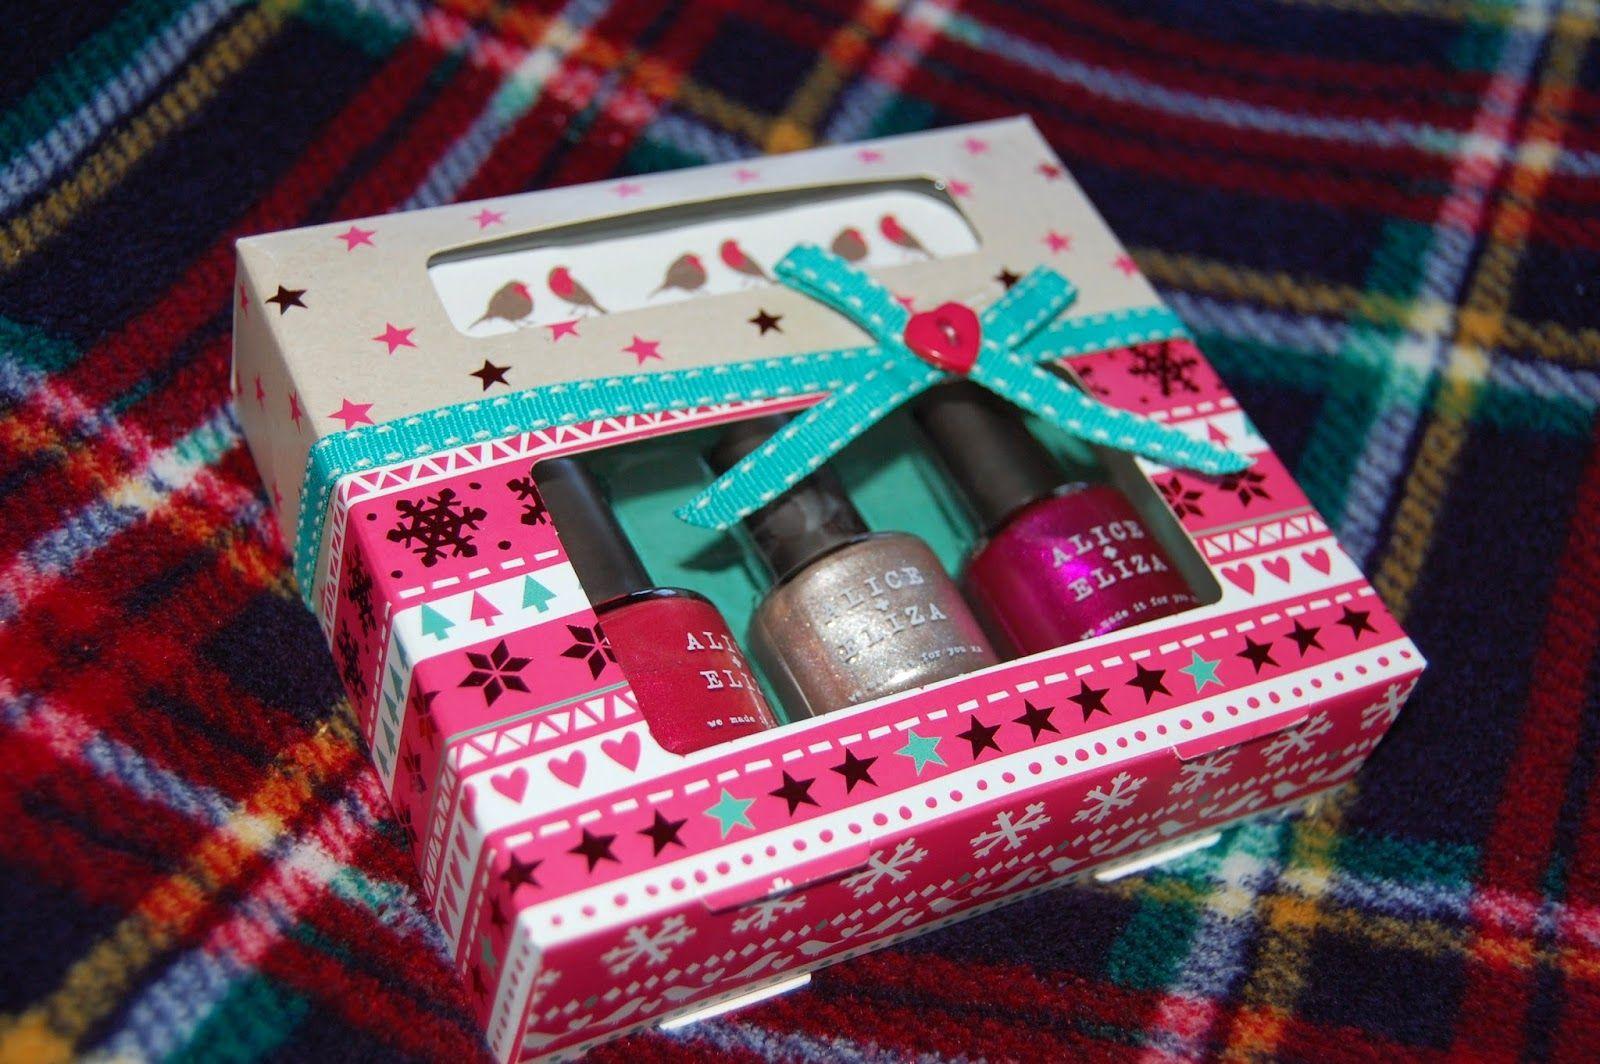 Marks+and+Spencer+Christmas+nail+polish+set.JPG (1600×1064